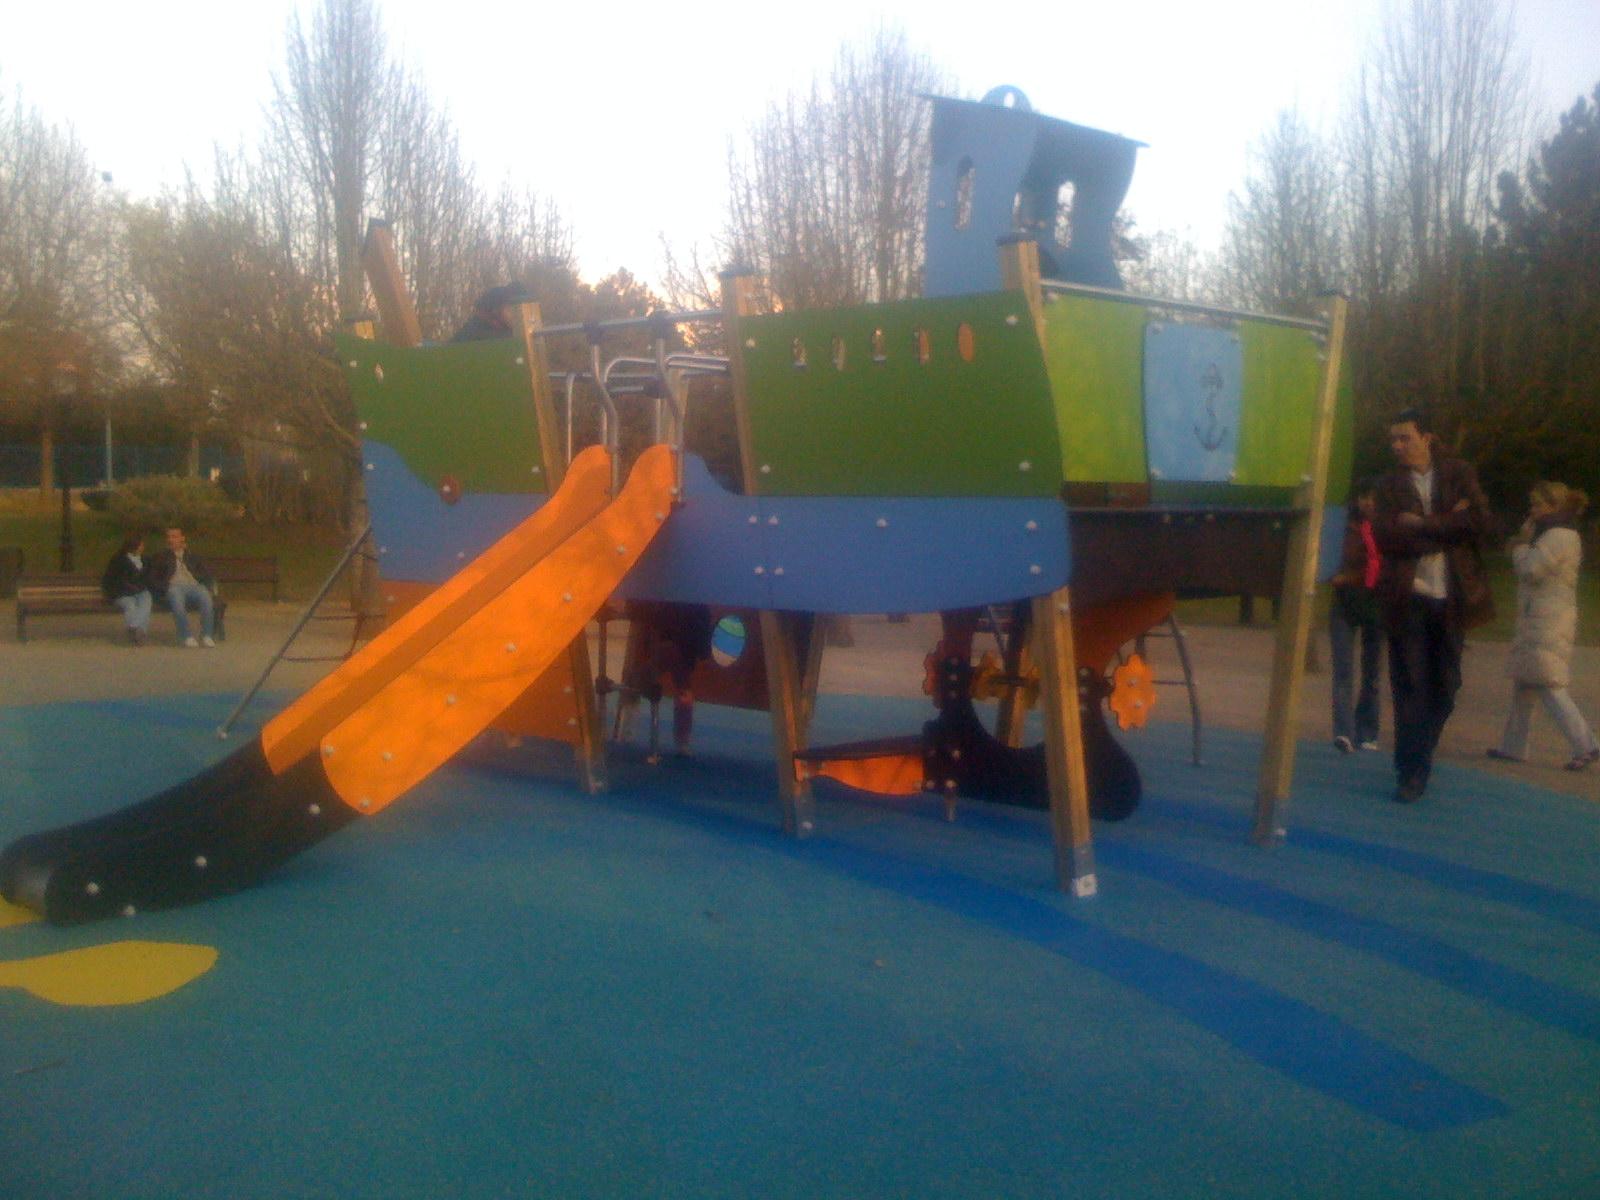 Nouvelle structure de jeux au parc de Chelles